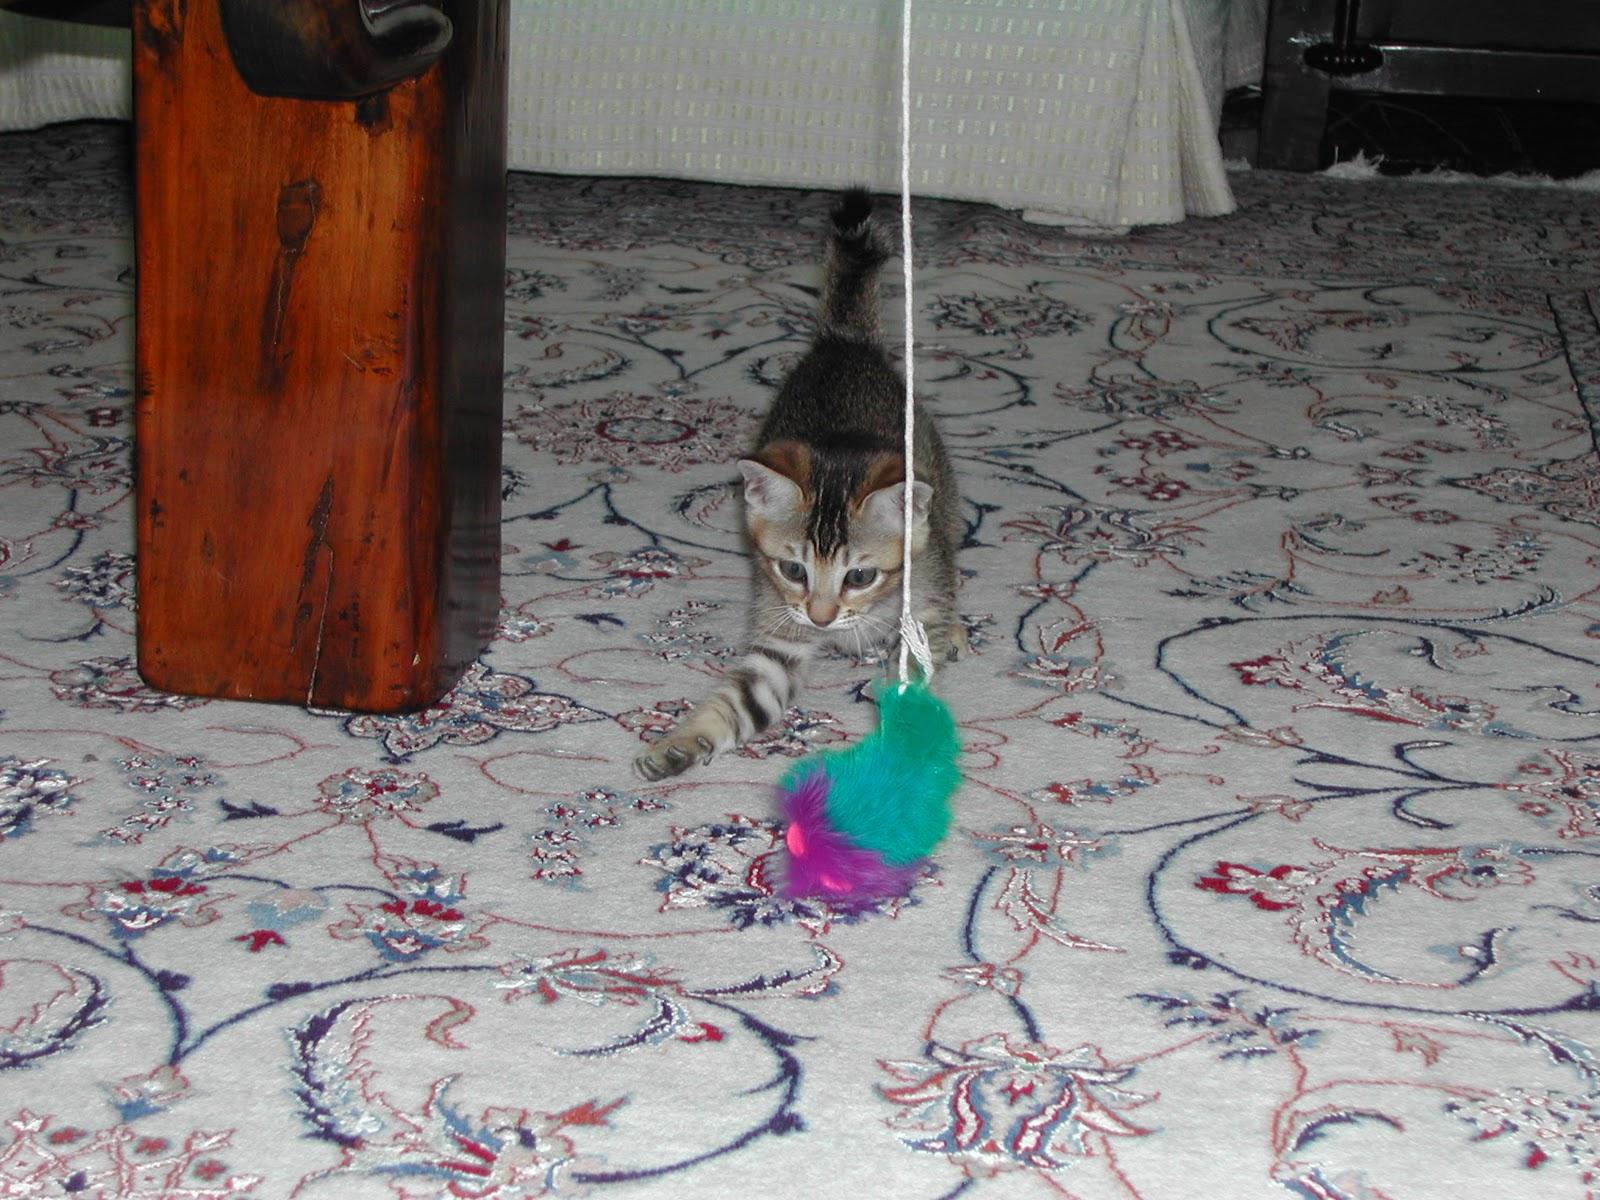 http://3.bp.blogspot.com/-t2ZiCTXDGWg/TVkyeHuQMOI/AAAAAAAAAVY/9W2lFxqahmw/s1600/Tai+Tai+as+a+kitten.jpg